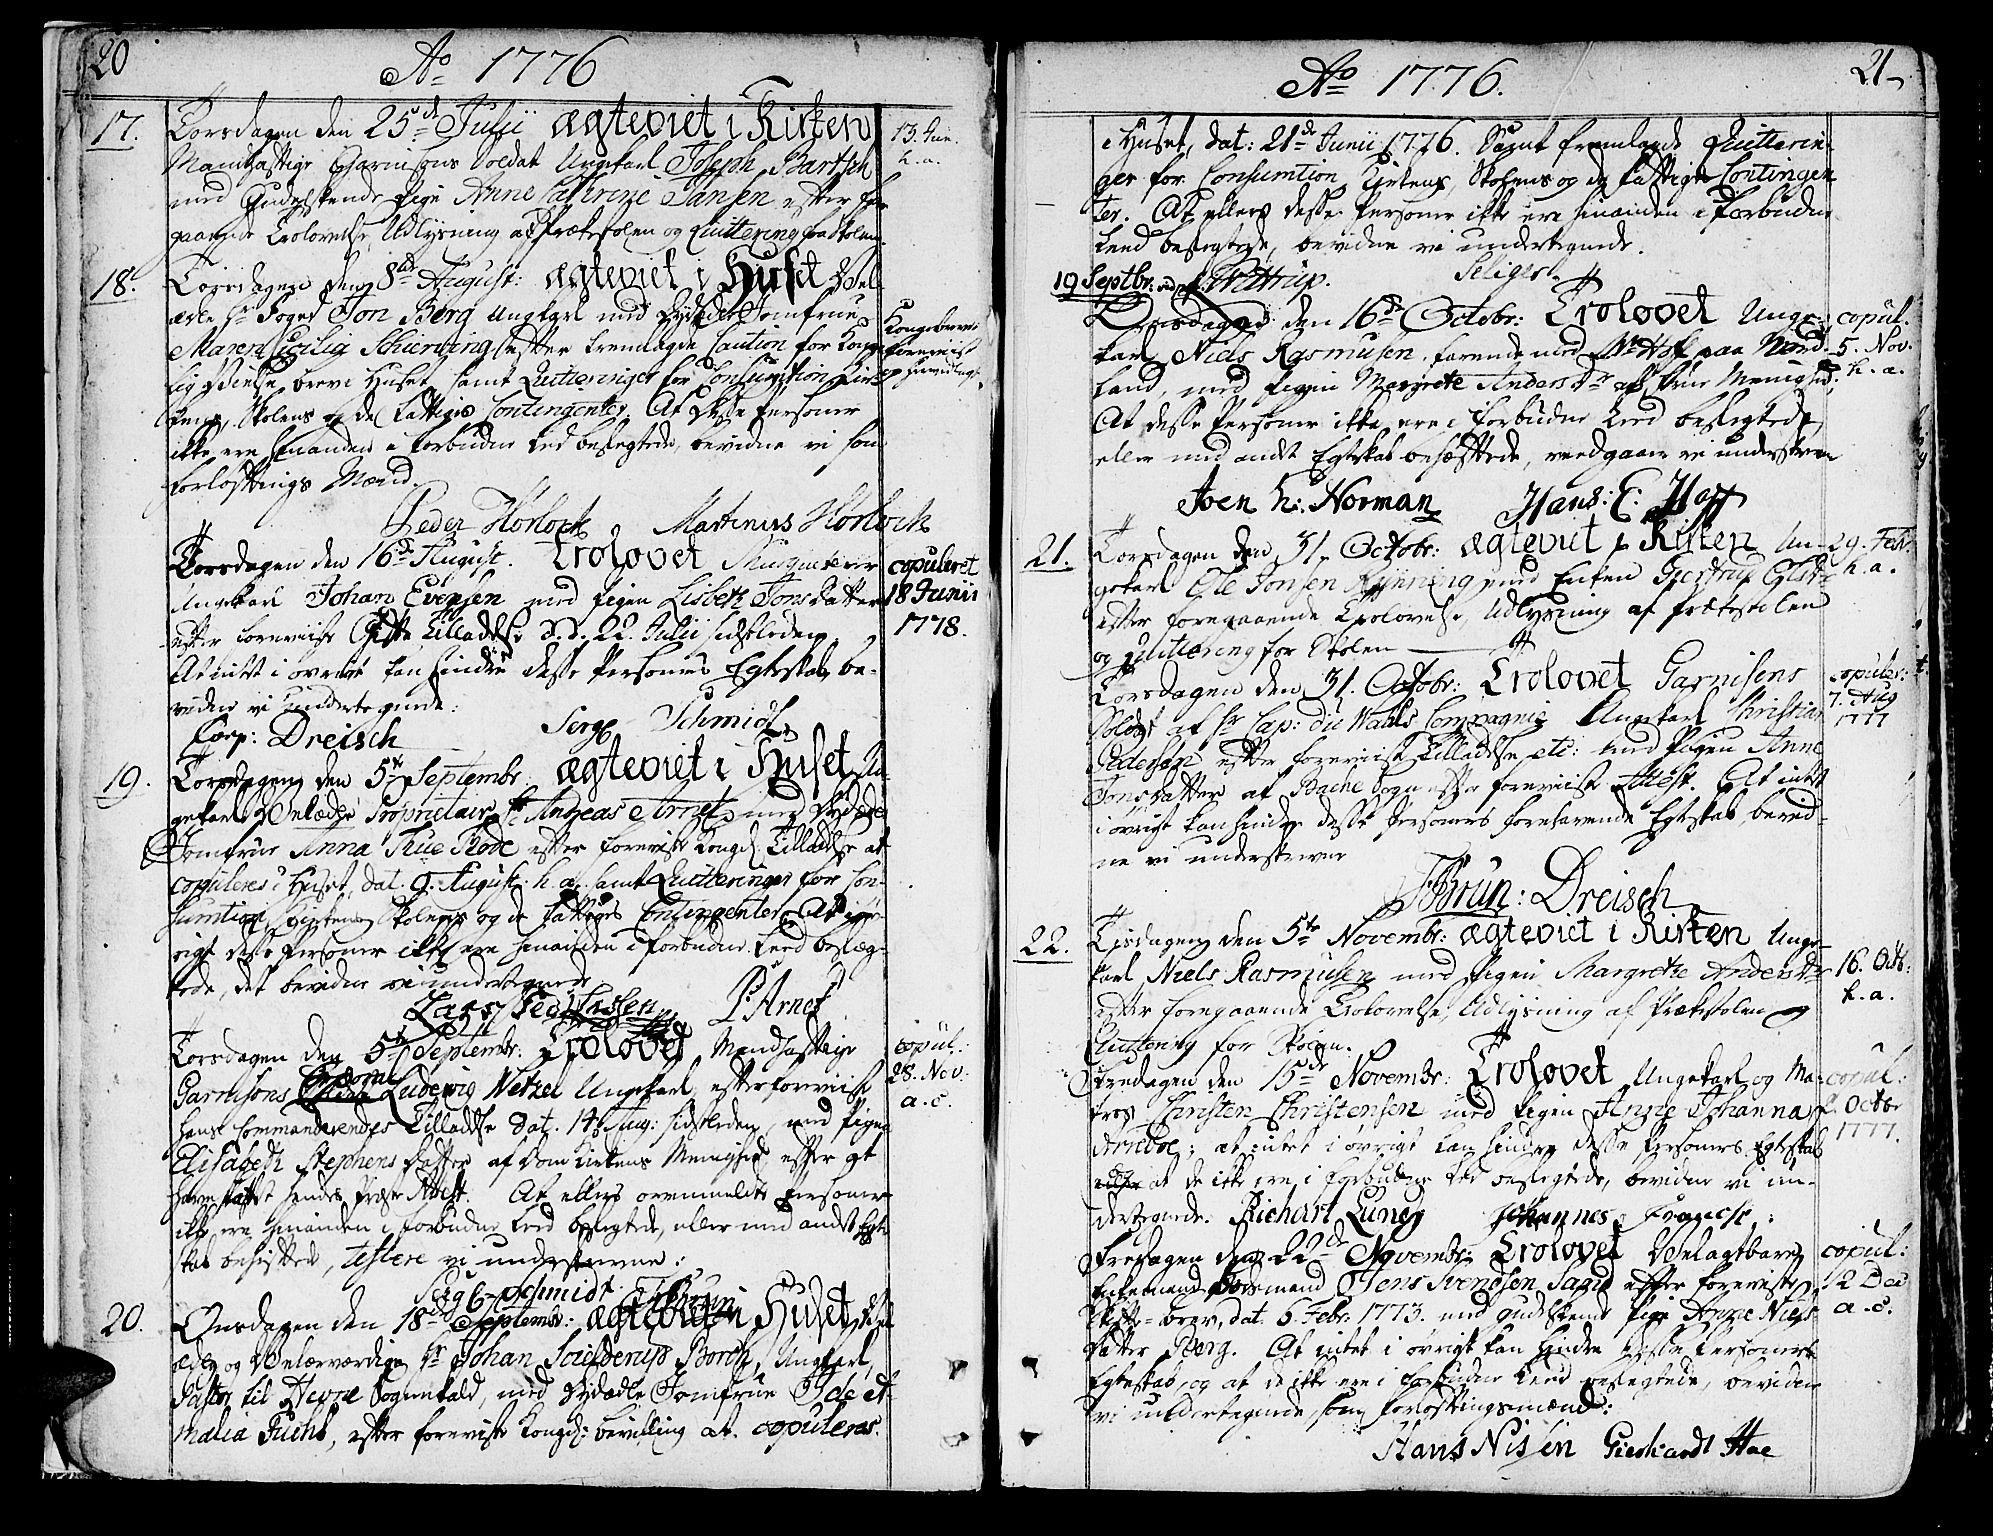 SAT, Ministerialprotokoller, klokkerbøker og fødselsregistre - Sør-Trøndelag, 602/L0105: Ministerialbok nr. 602A03, 1774-1814, s. 20-21